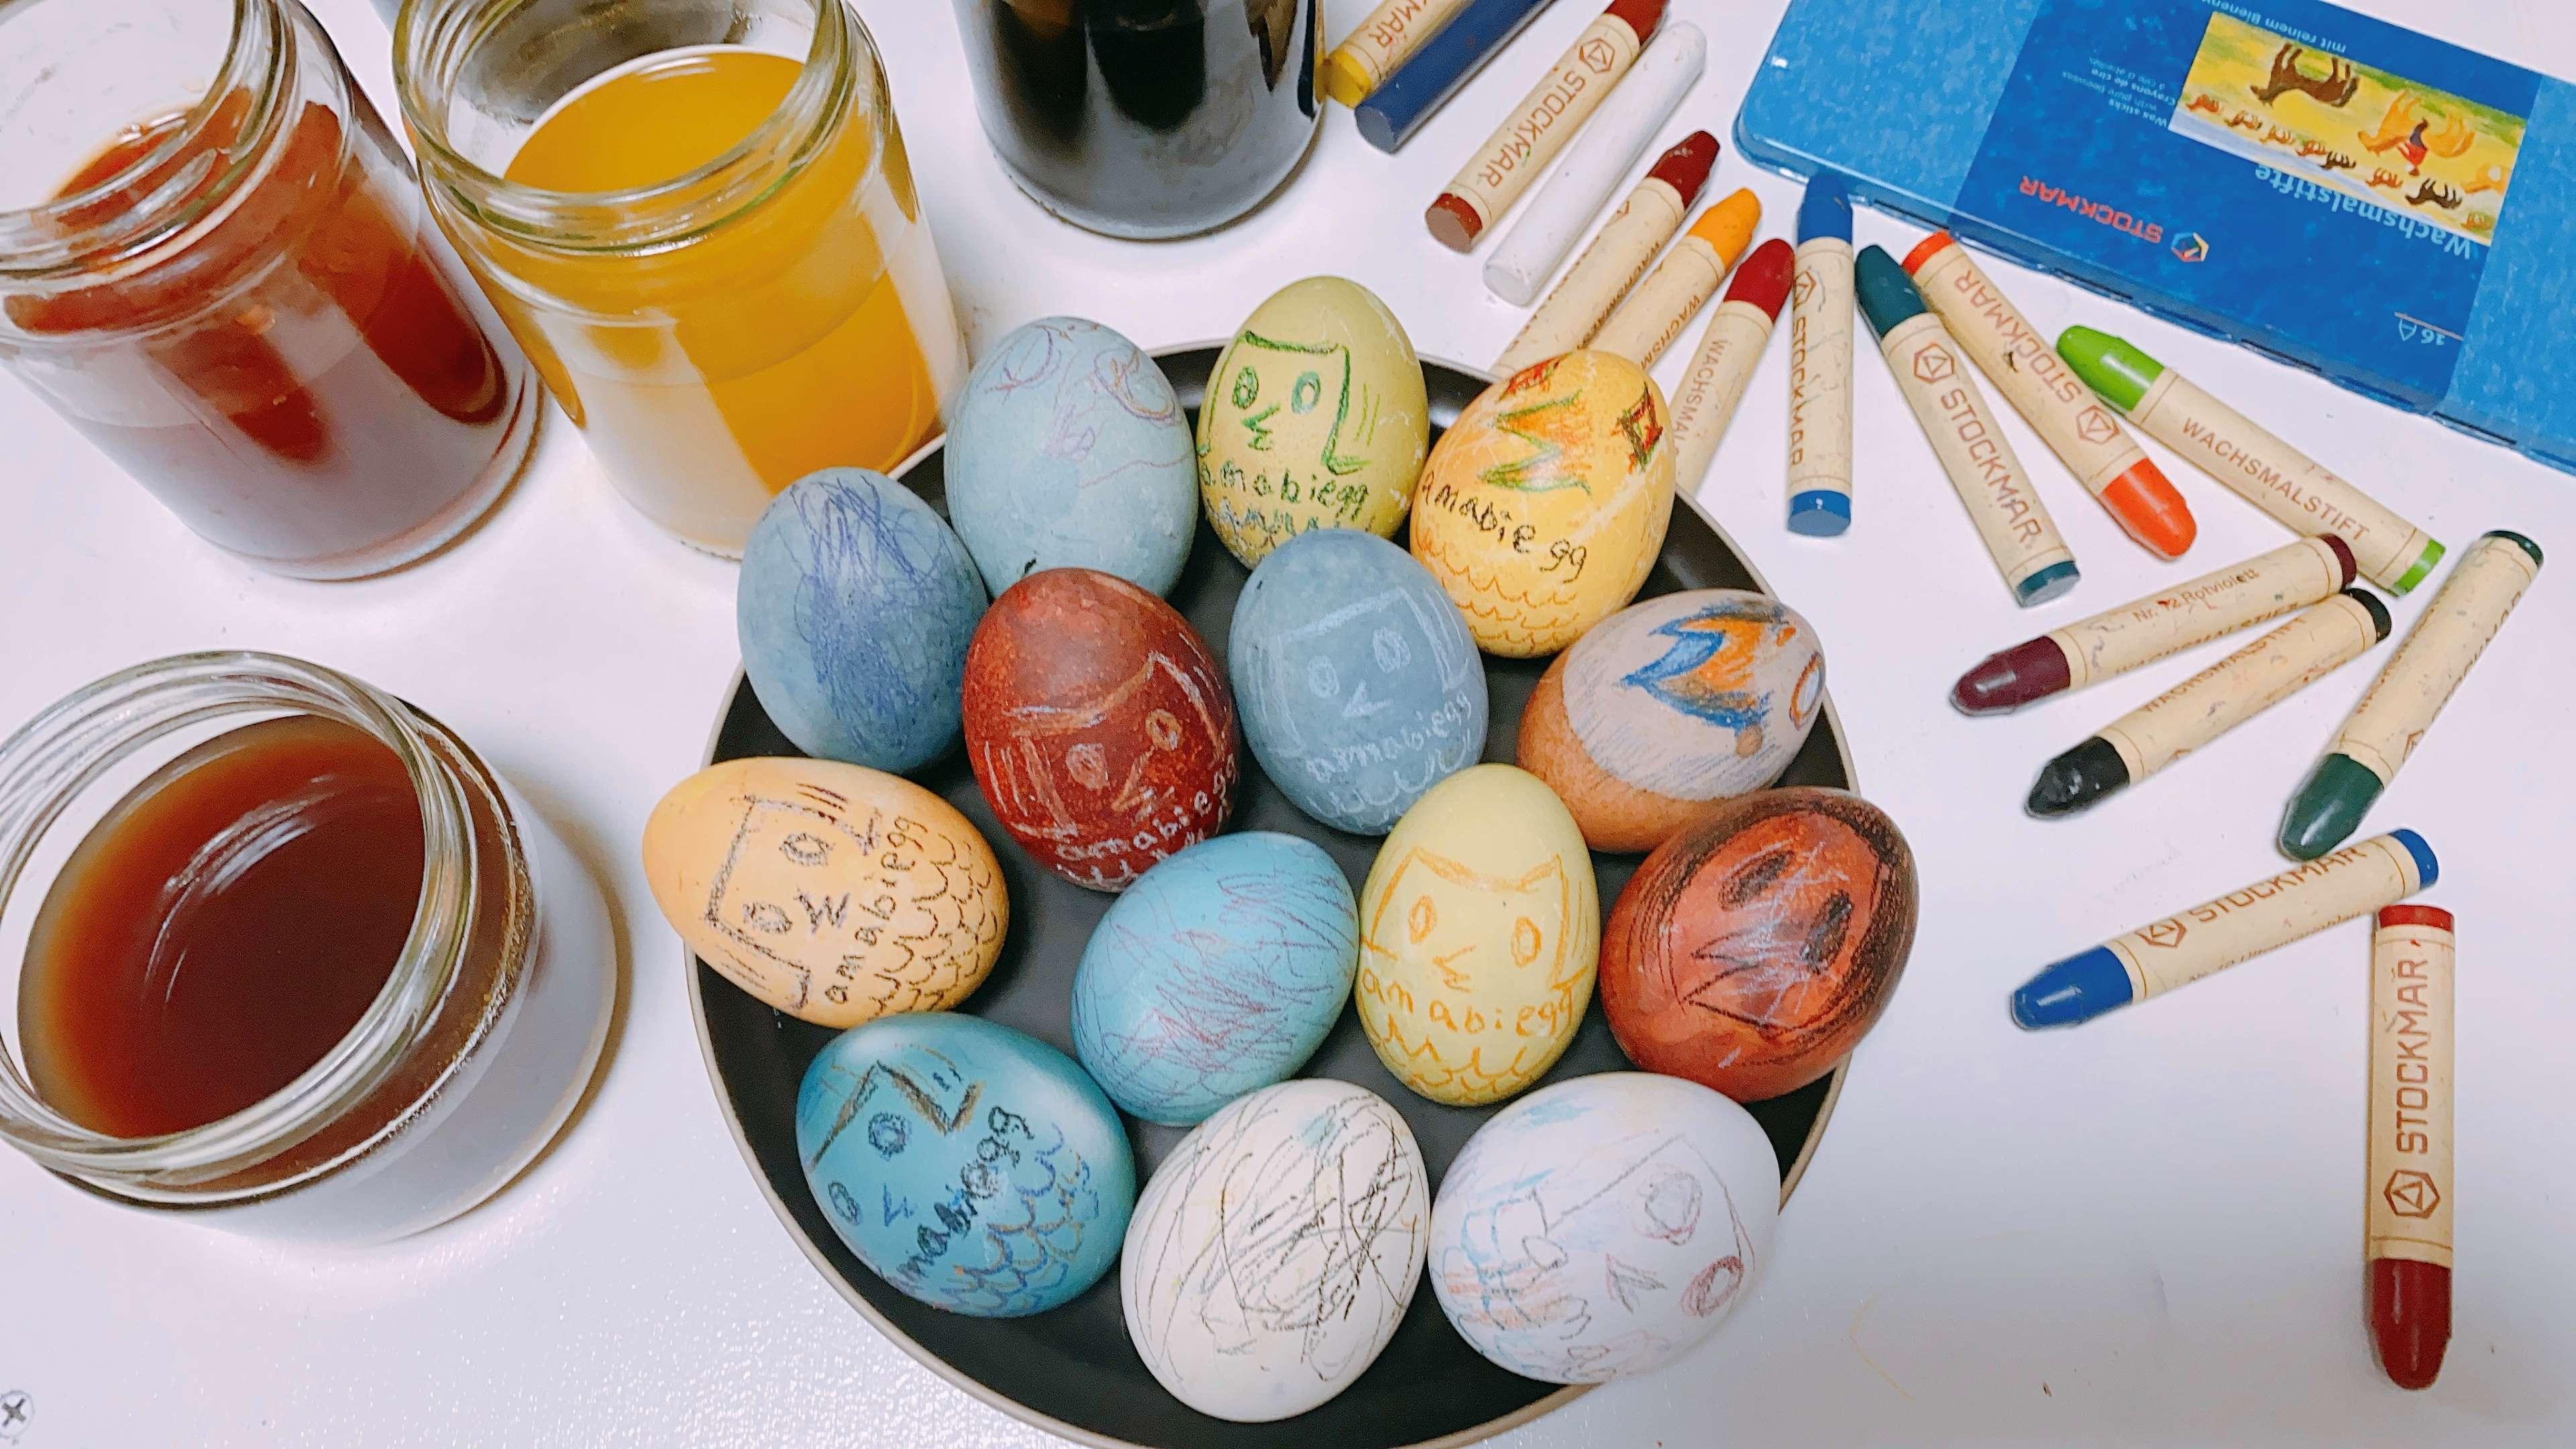 【おうち時間をたのしもう】⑦ 卵を染めて描くアマビエッグ